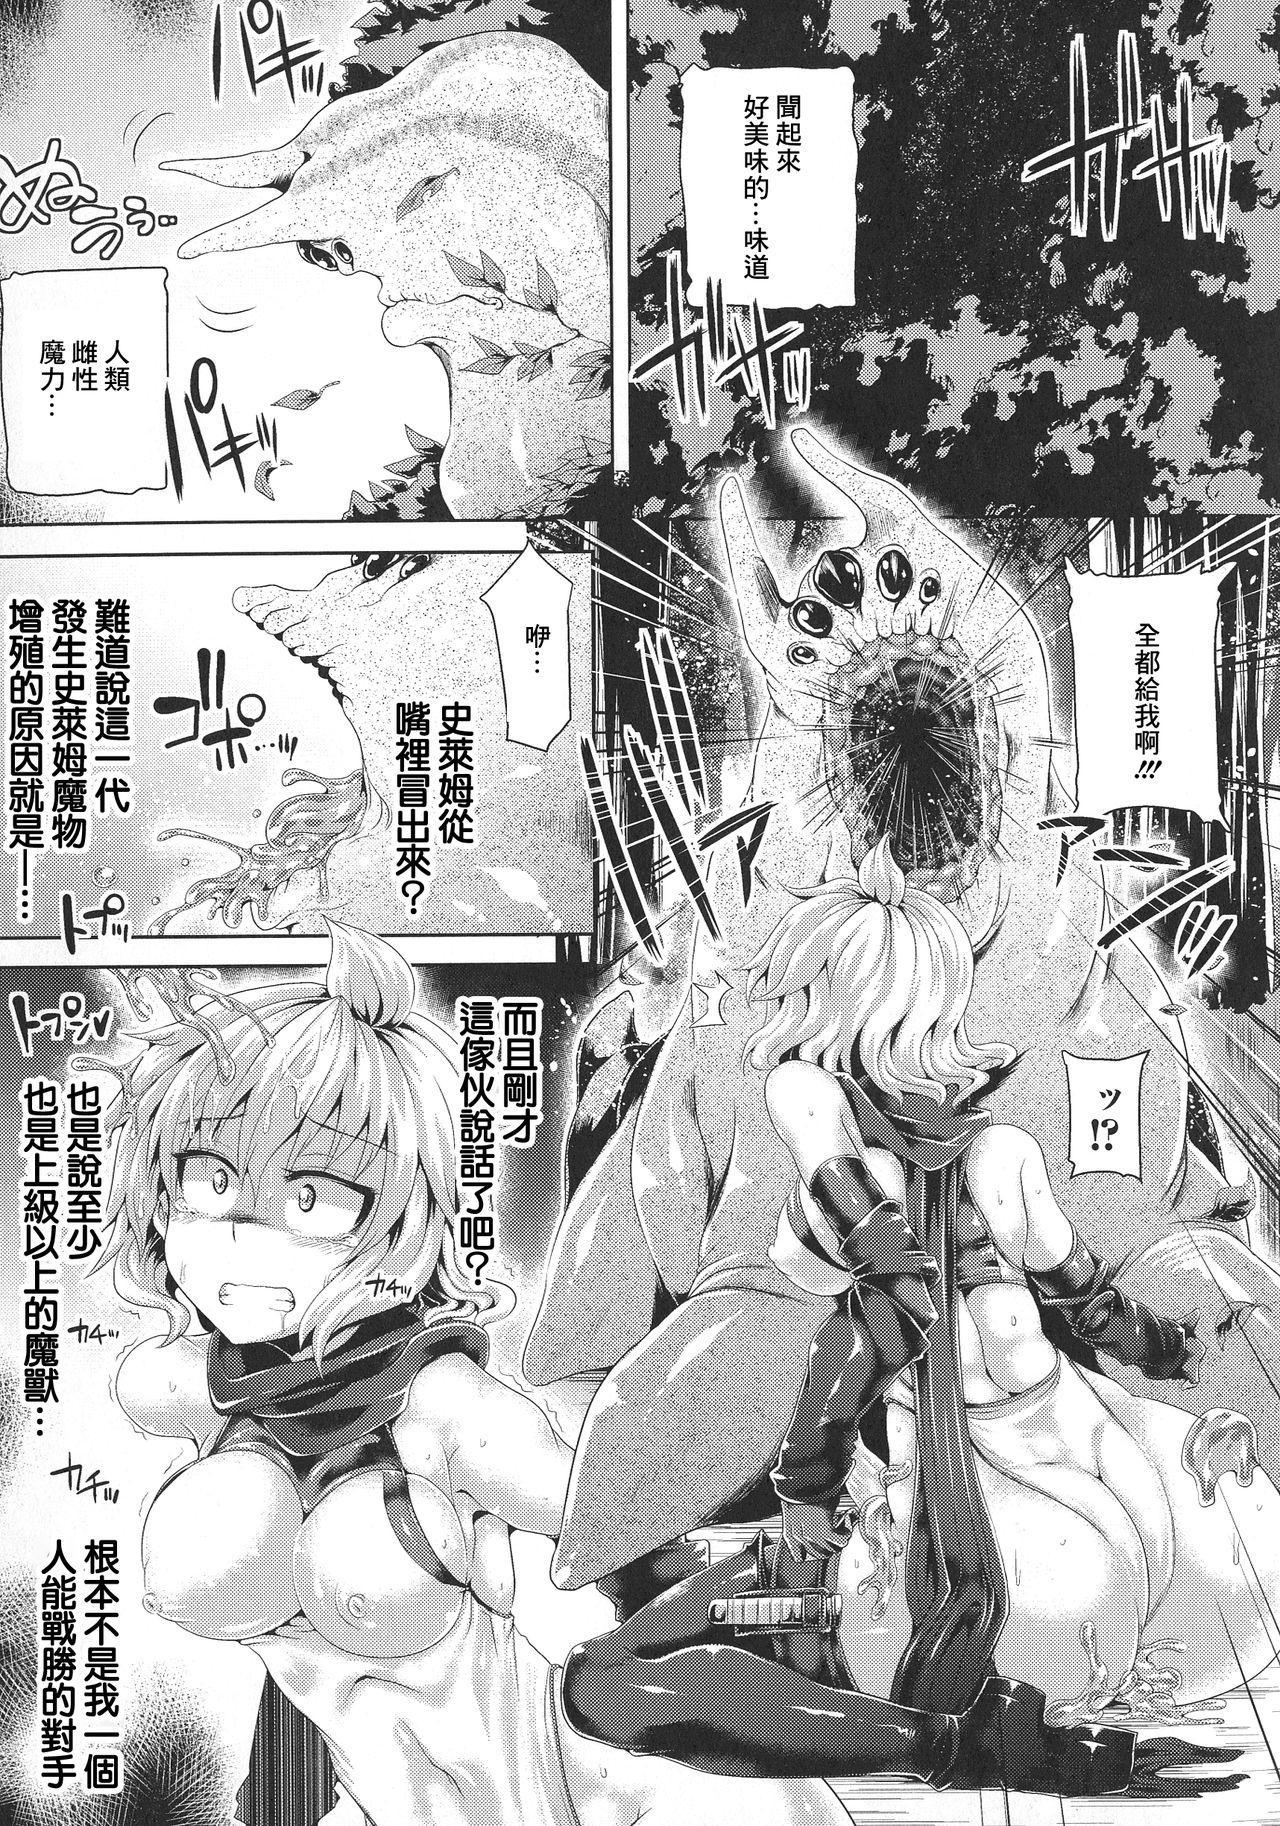 Futanari Gal Brave - Tsuiteru Gal Yuusha Isekai no ji ni Botsu 159